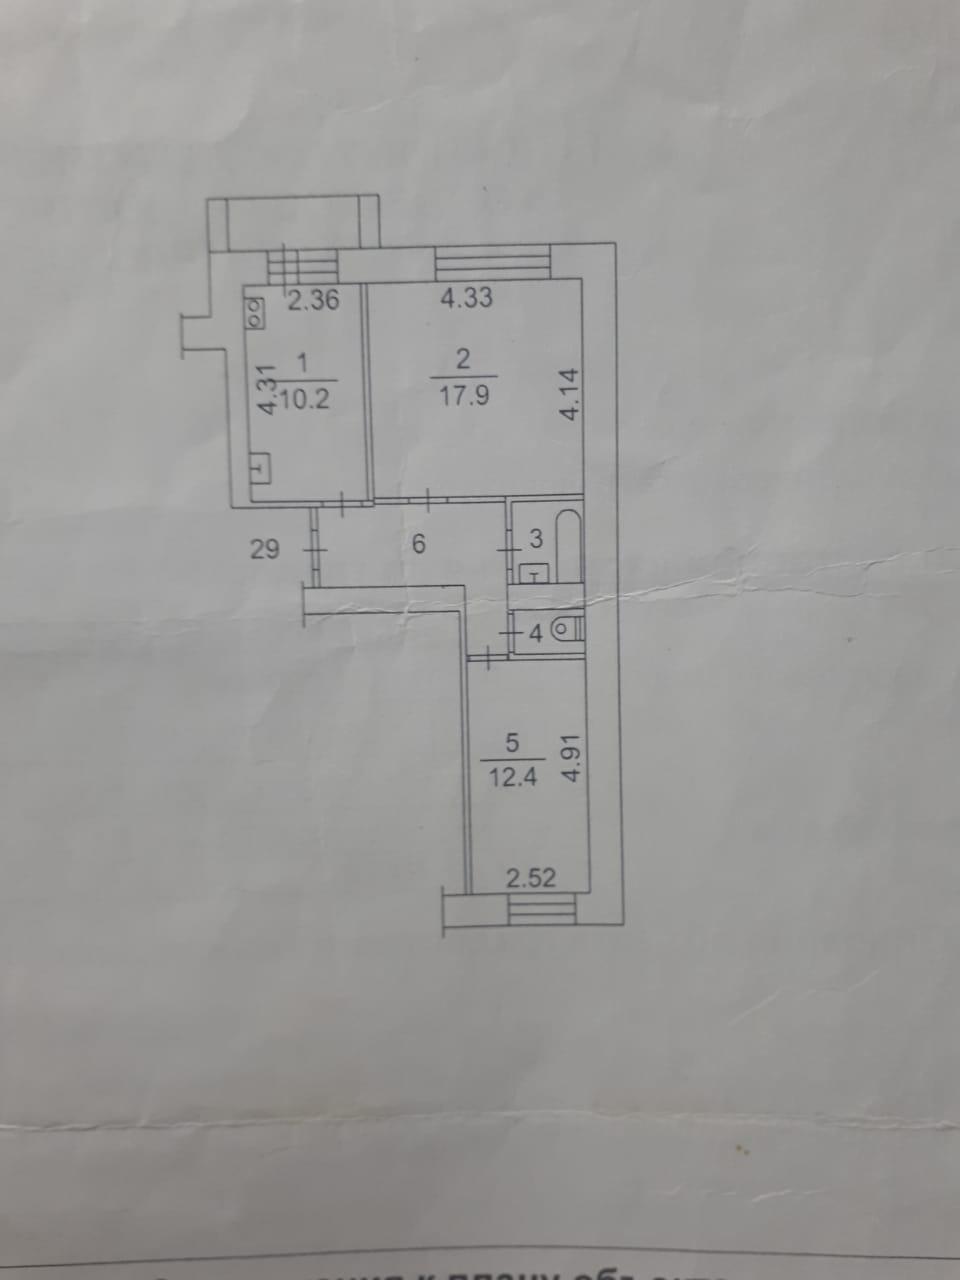 Квартира на продажу по адресу Россия, Томская область, Степановка, Богдана Хмельницкого ул.